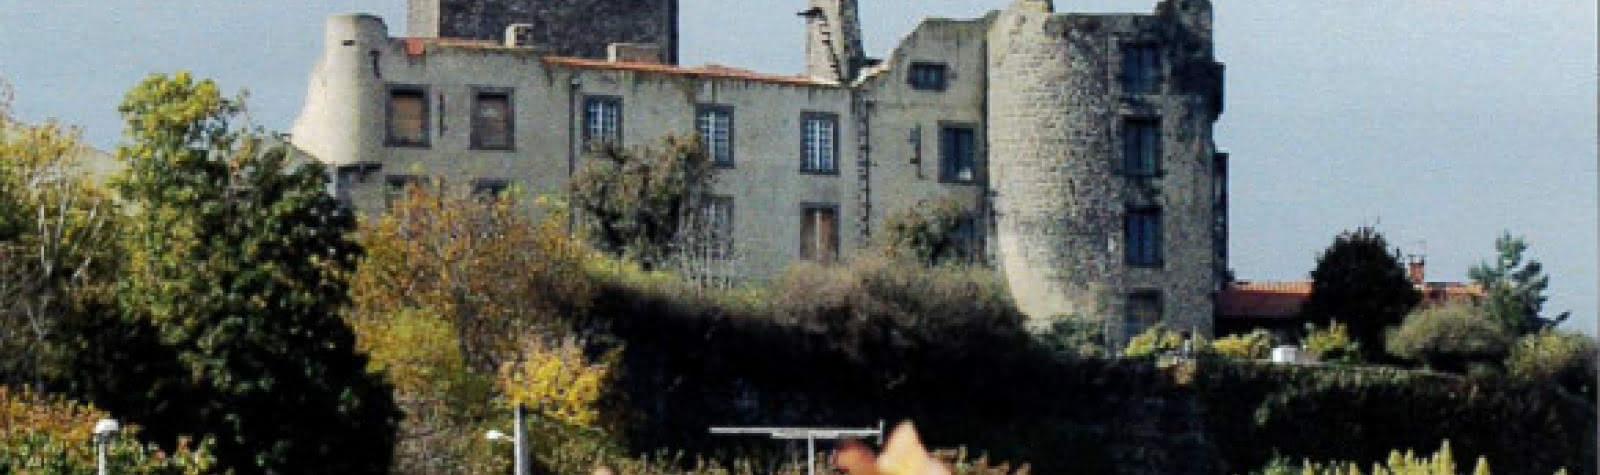 Visite guidée : village de Châteaugay